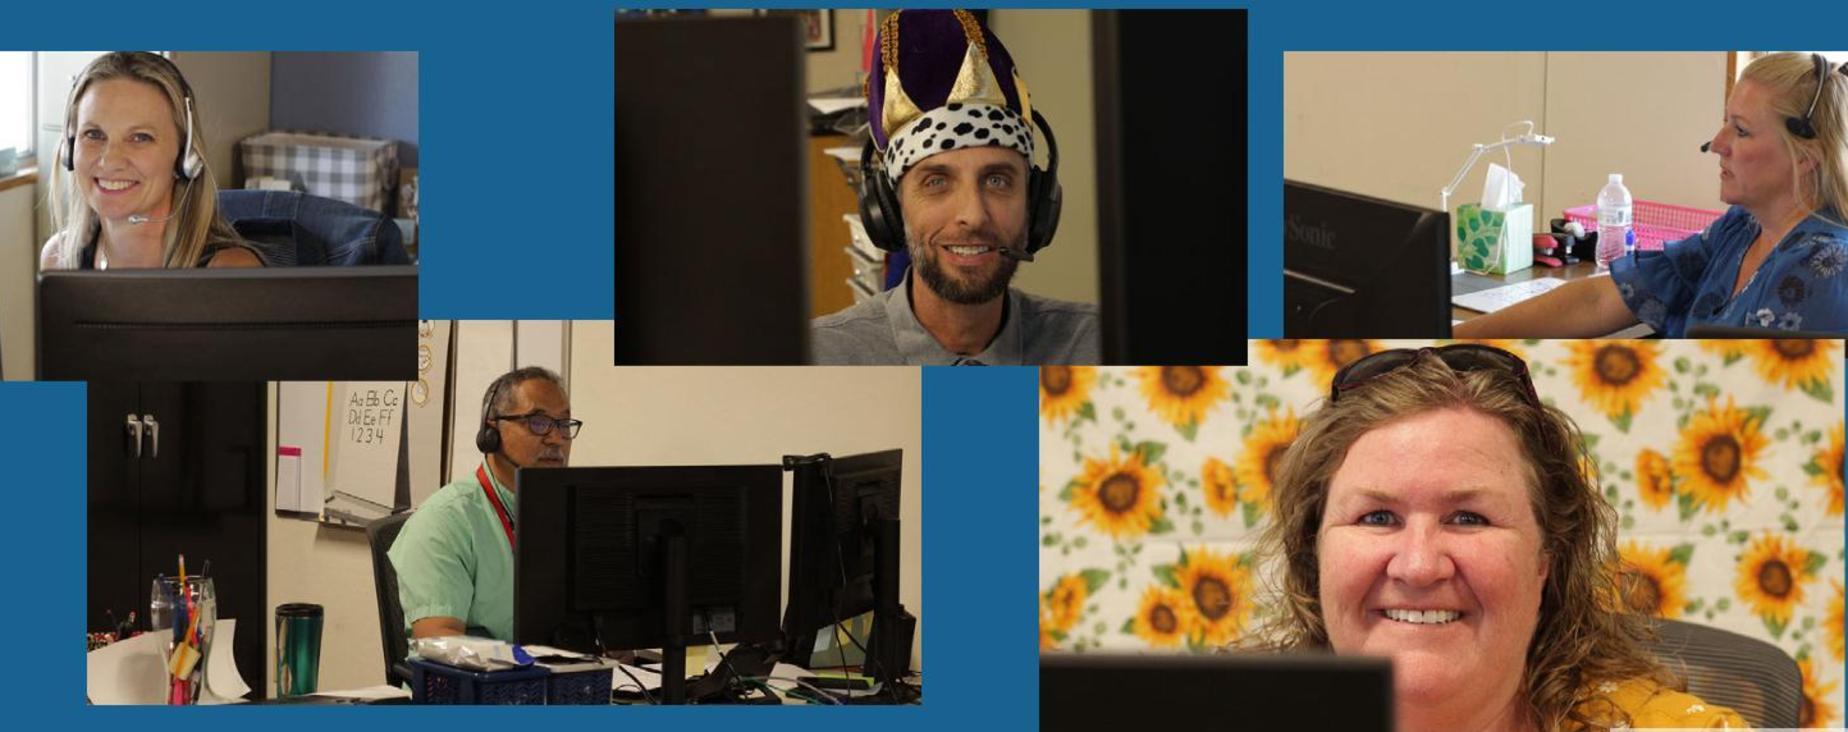 SJTech Teachers at work - collage